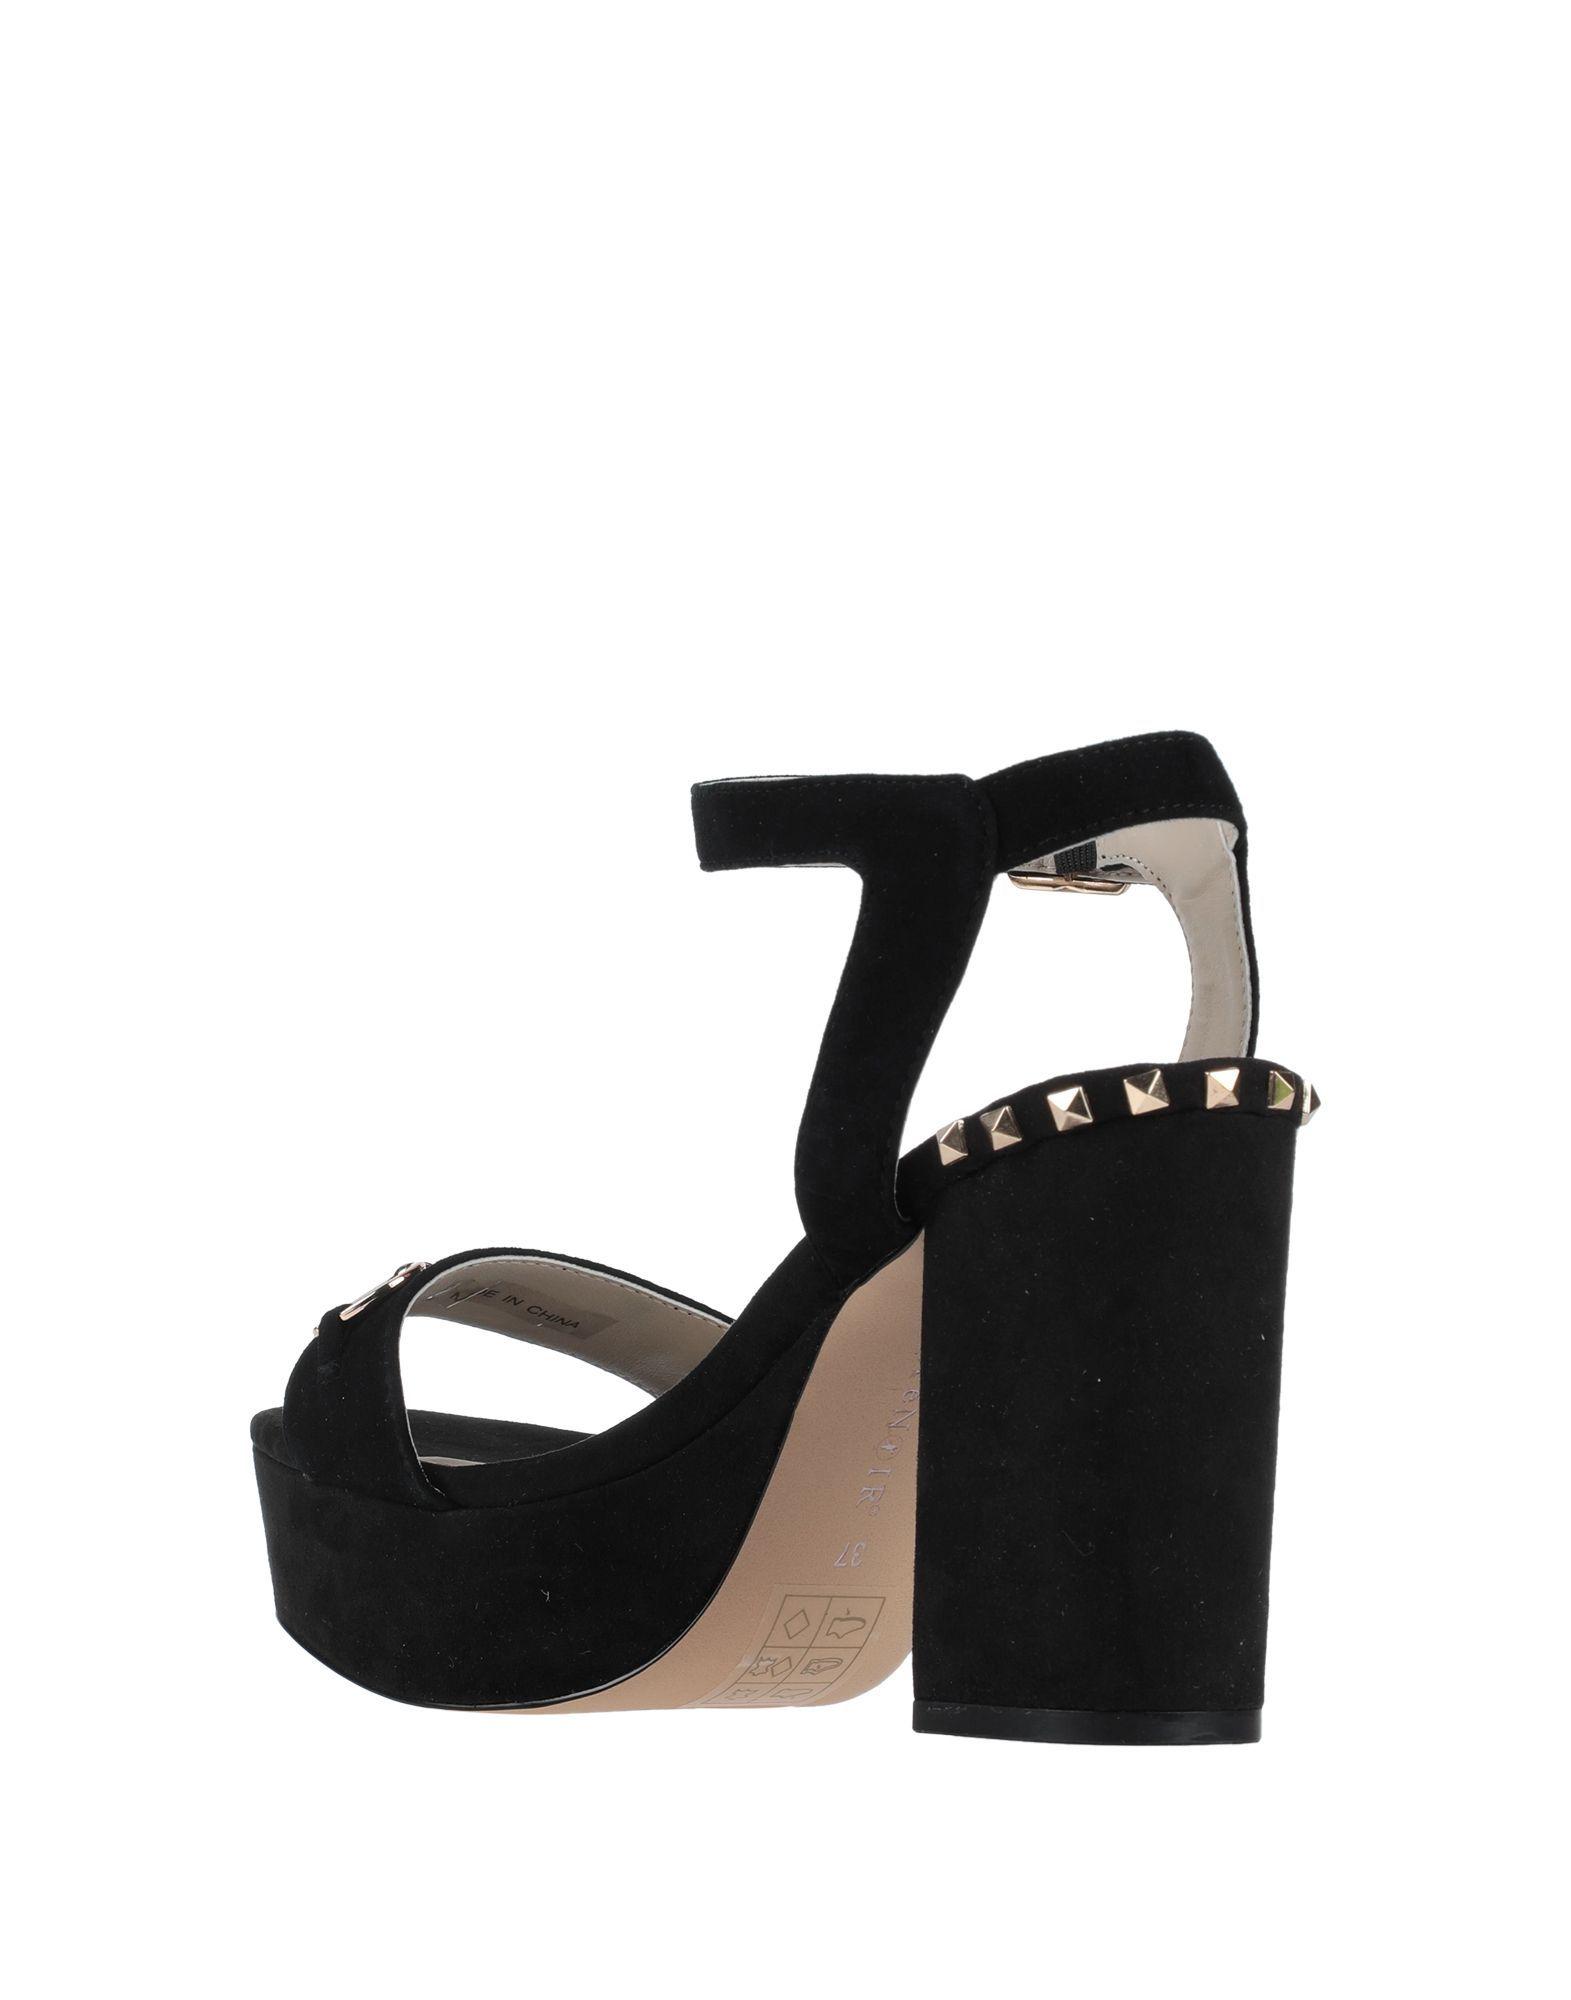 Cafenoir Black Leather Studded Heeled Sandals